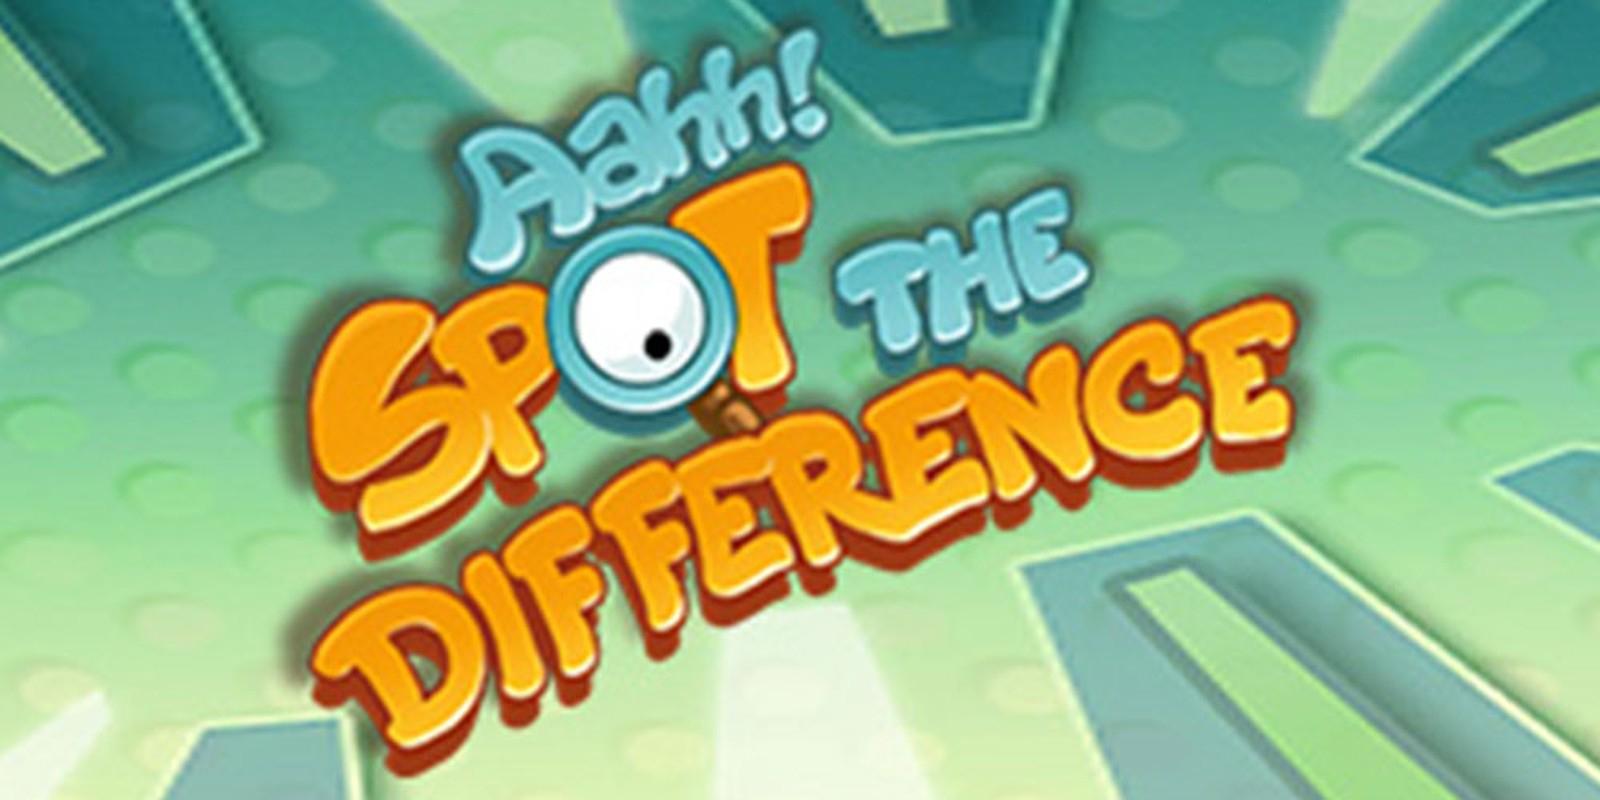 Aahh! Spot The Difference | Nintendo Dsiware | Jeux | Nintendo concernant Jeux De La Différence